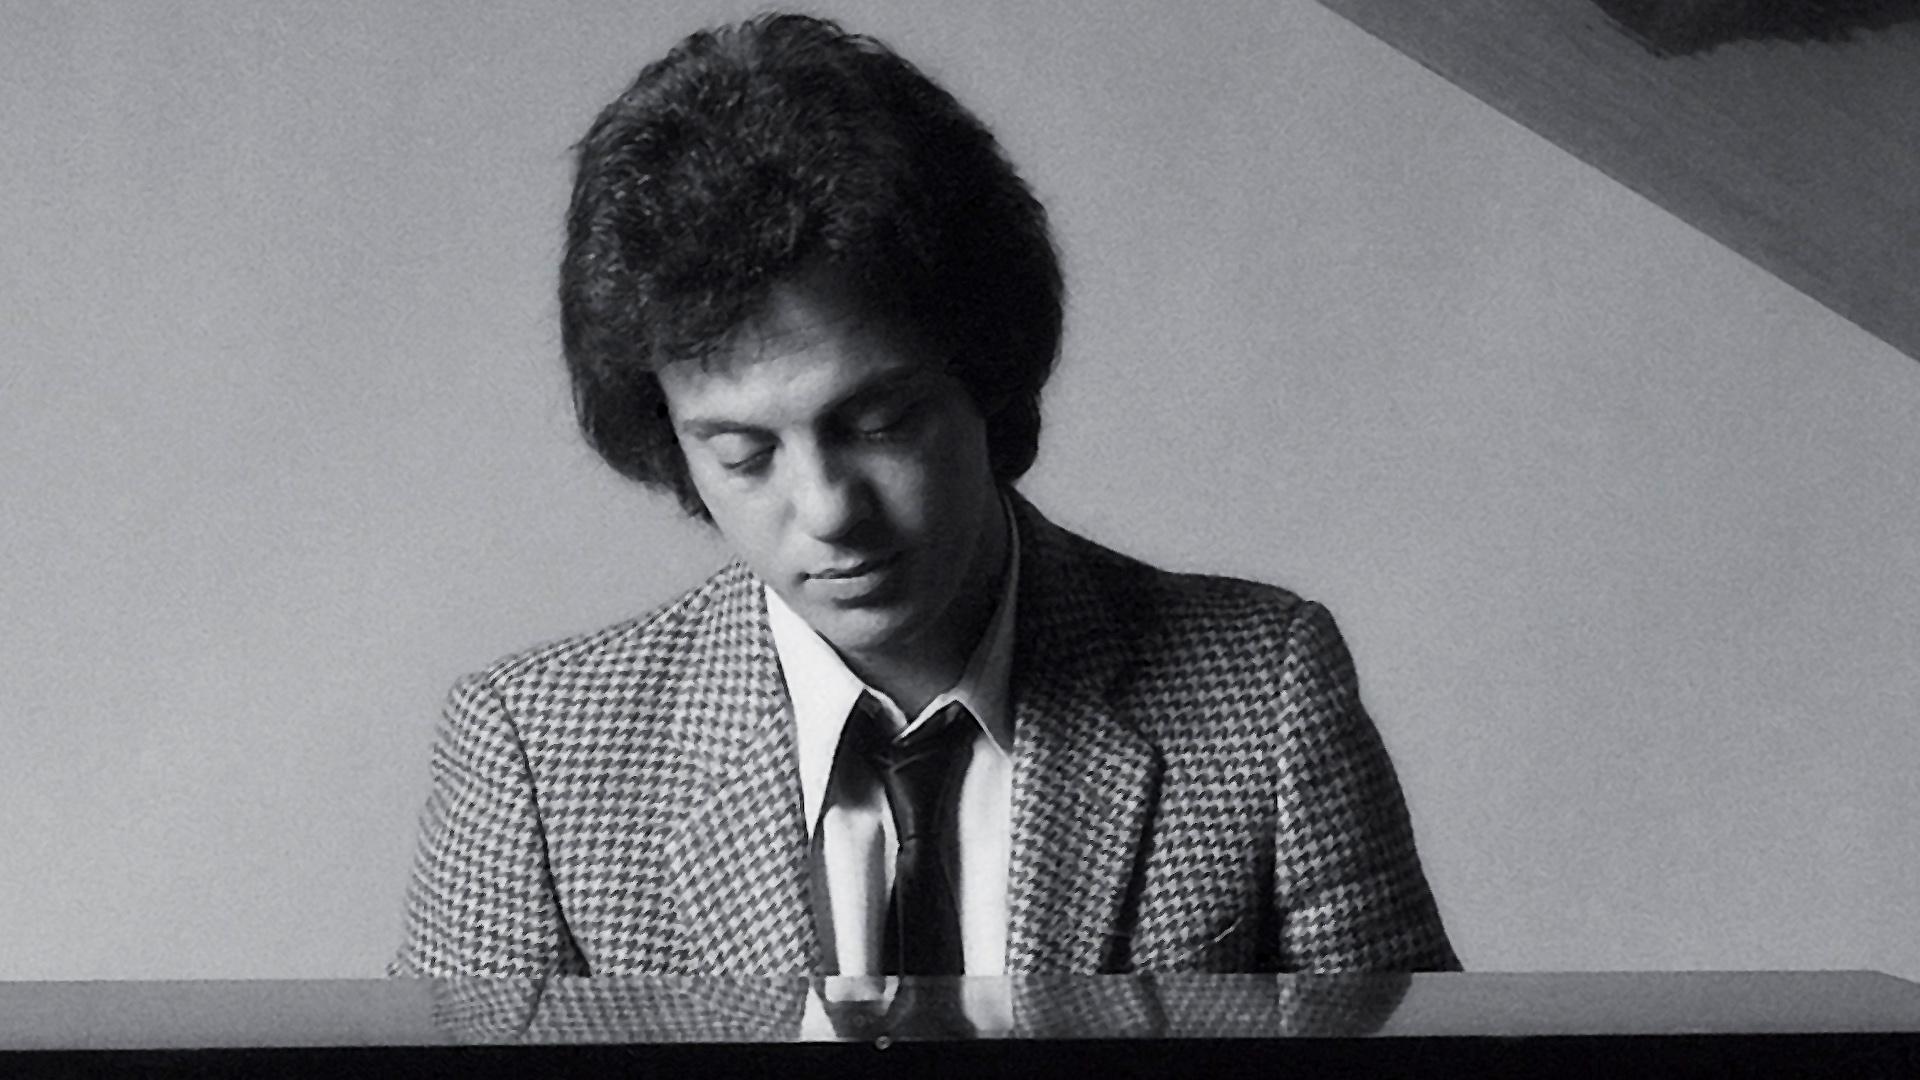 Billy Joel backdrop wallpaper